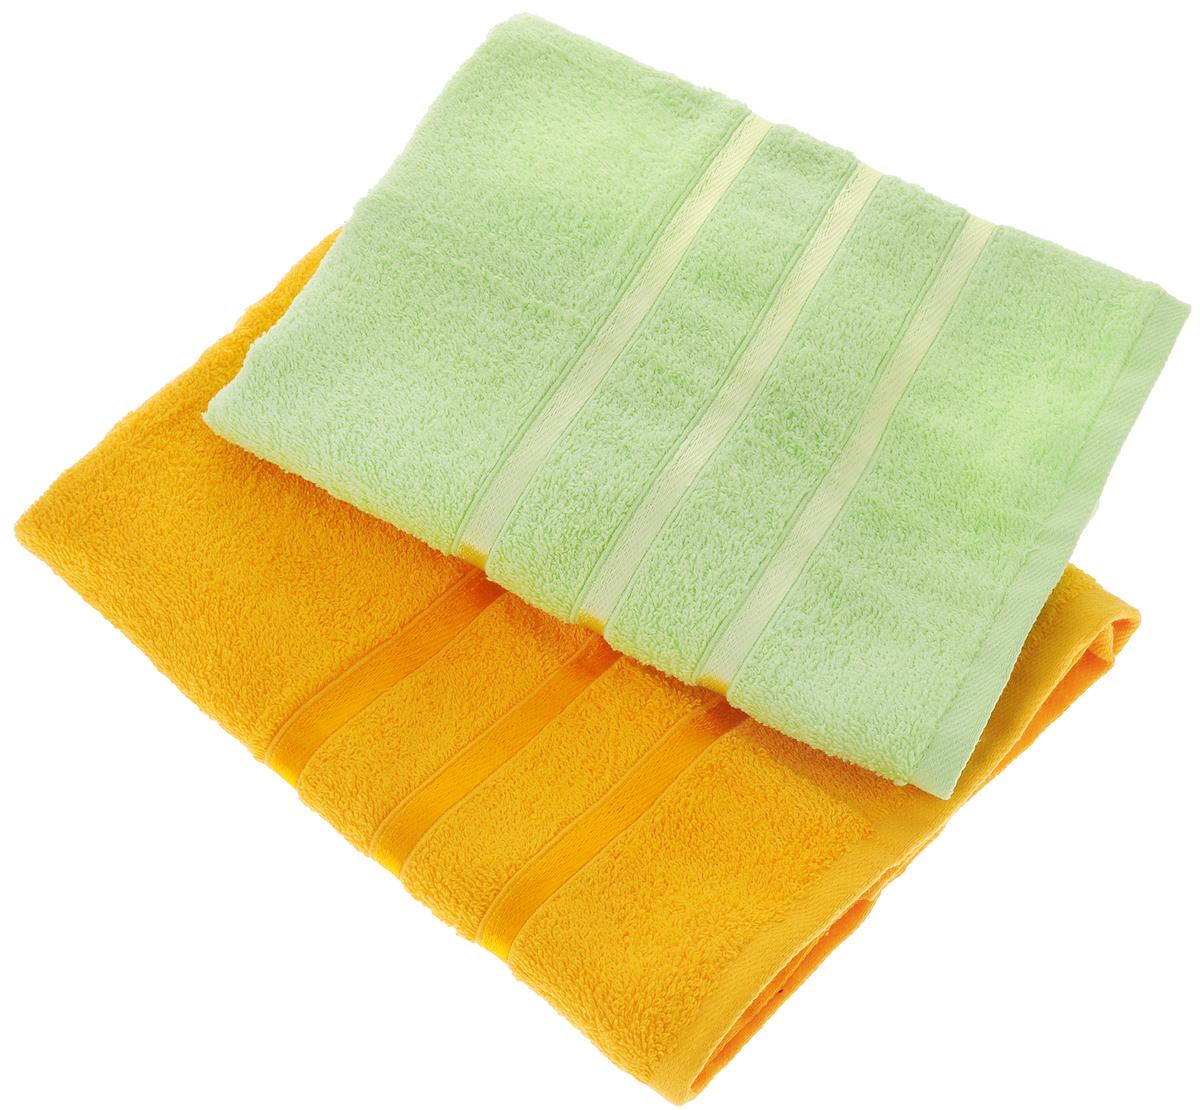 Набор полотенец Tete-a-Tete Ленты, цвет: желтый, зеленый, 50 х 85 см, 2 шт97775318Набор Tete-a-Tete Ленты состоит из двух махровых полотенец, выполненных из натурального 100% хлопка. Бордюр полотенец декорирован лентами. Изделия мягкие, отлично впитывают влагу, быстро сохнут, сохраняют яркость цвета и не теряют форму даже после многократных стирок. Полотенца Tete-a-Tete Ленты очень практичны и неприхотливы в уходе. Они легко впишутся в любой интерьер благодаря своей нежной цветовой гамме. Набор упакован в красивую коробку и может послужить отличной идеей подарка.Размер полотенец: 50 х 85 см.